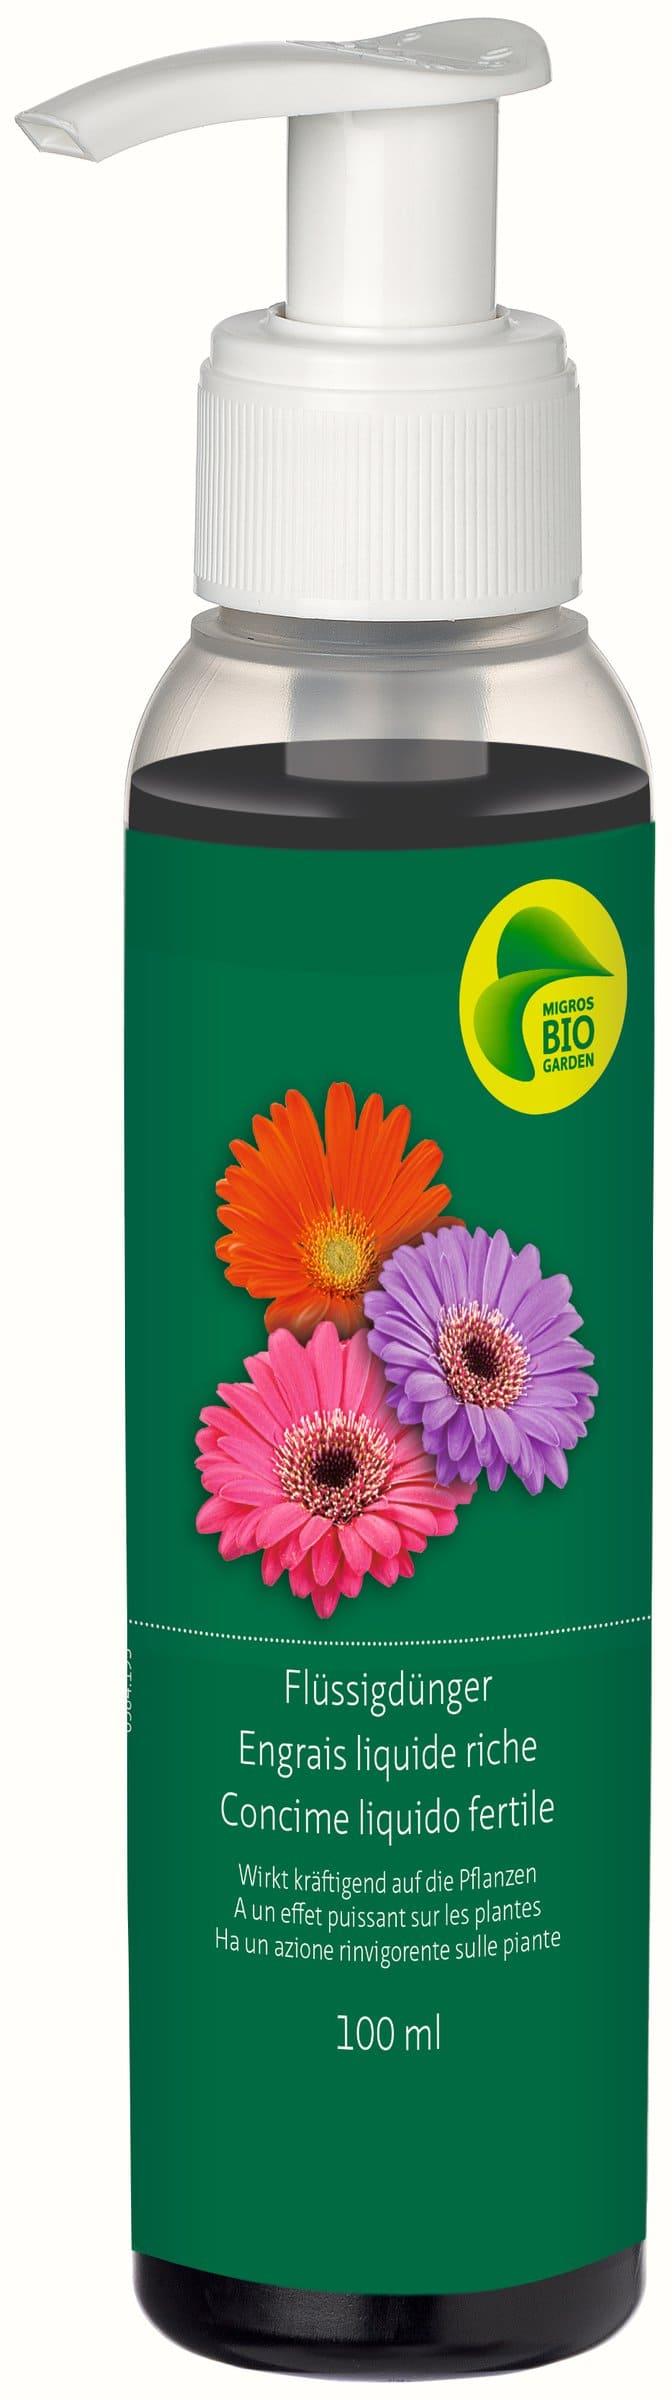 Migros-Bio Garden Flüssigdünger, 100 ml